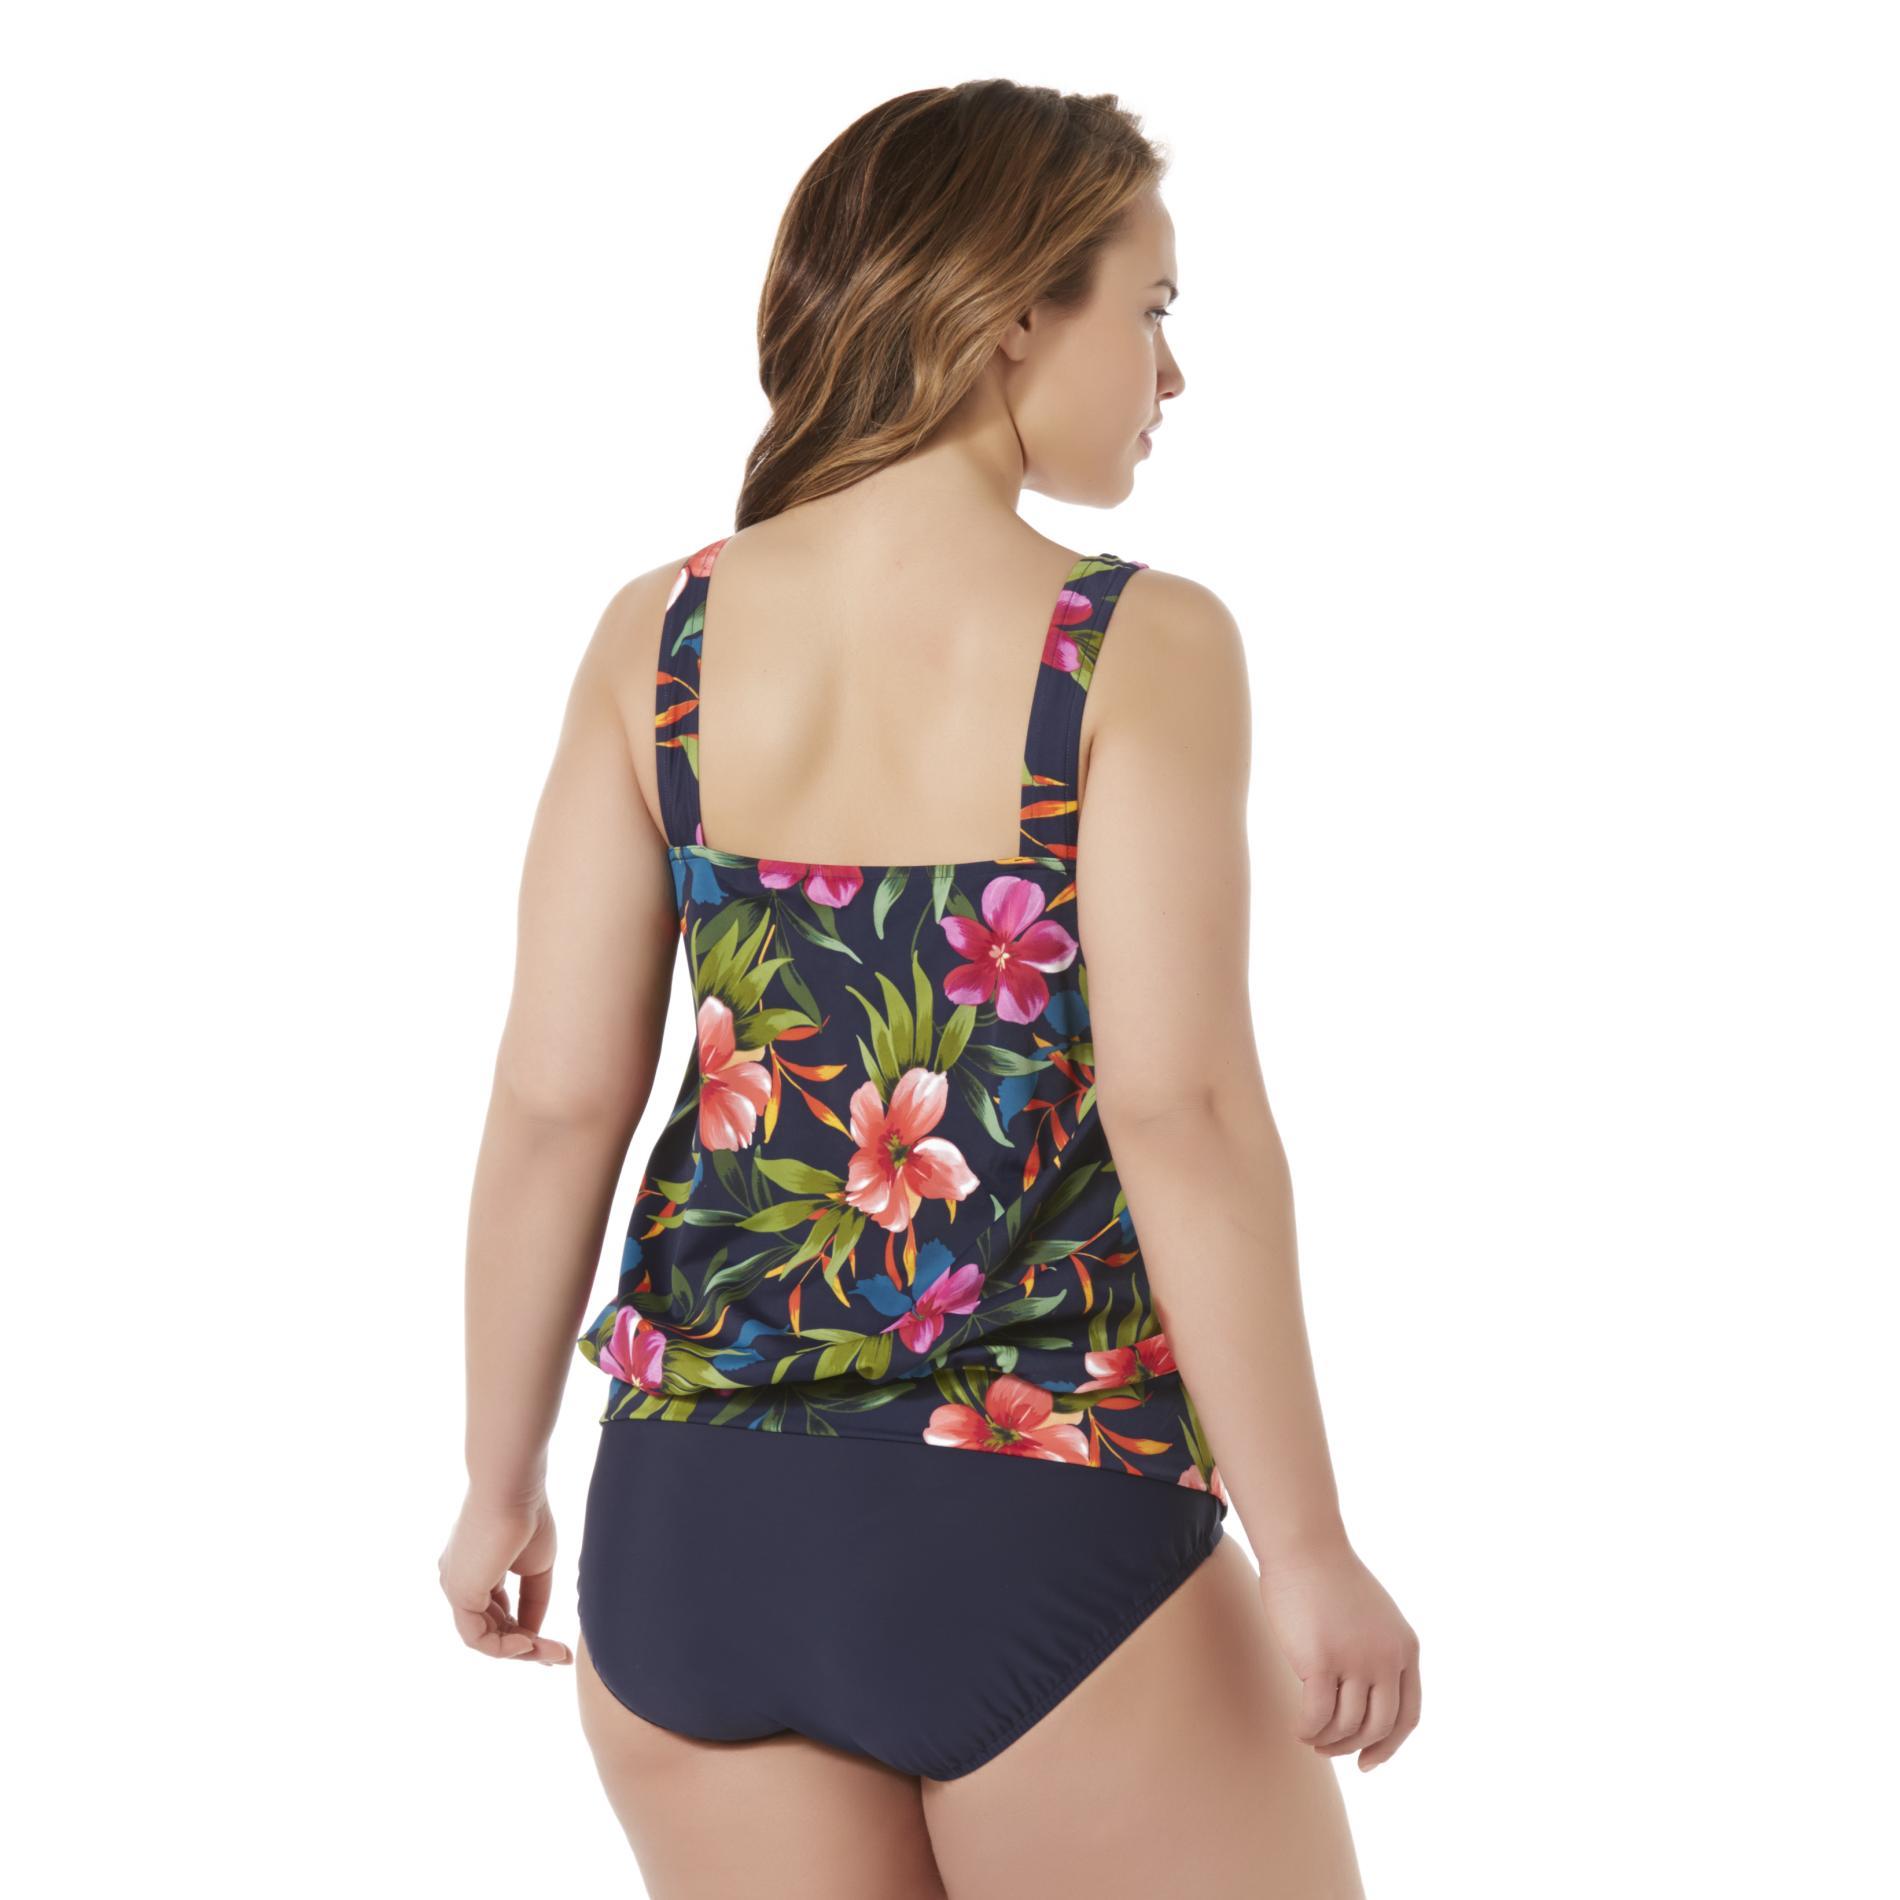 e217357327 Tropical Escape Women s Plus Blouson Tankini Swimsuit - Tropical Floral